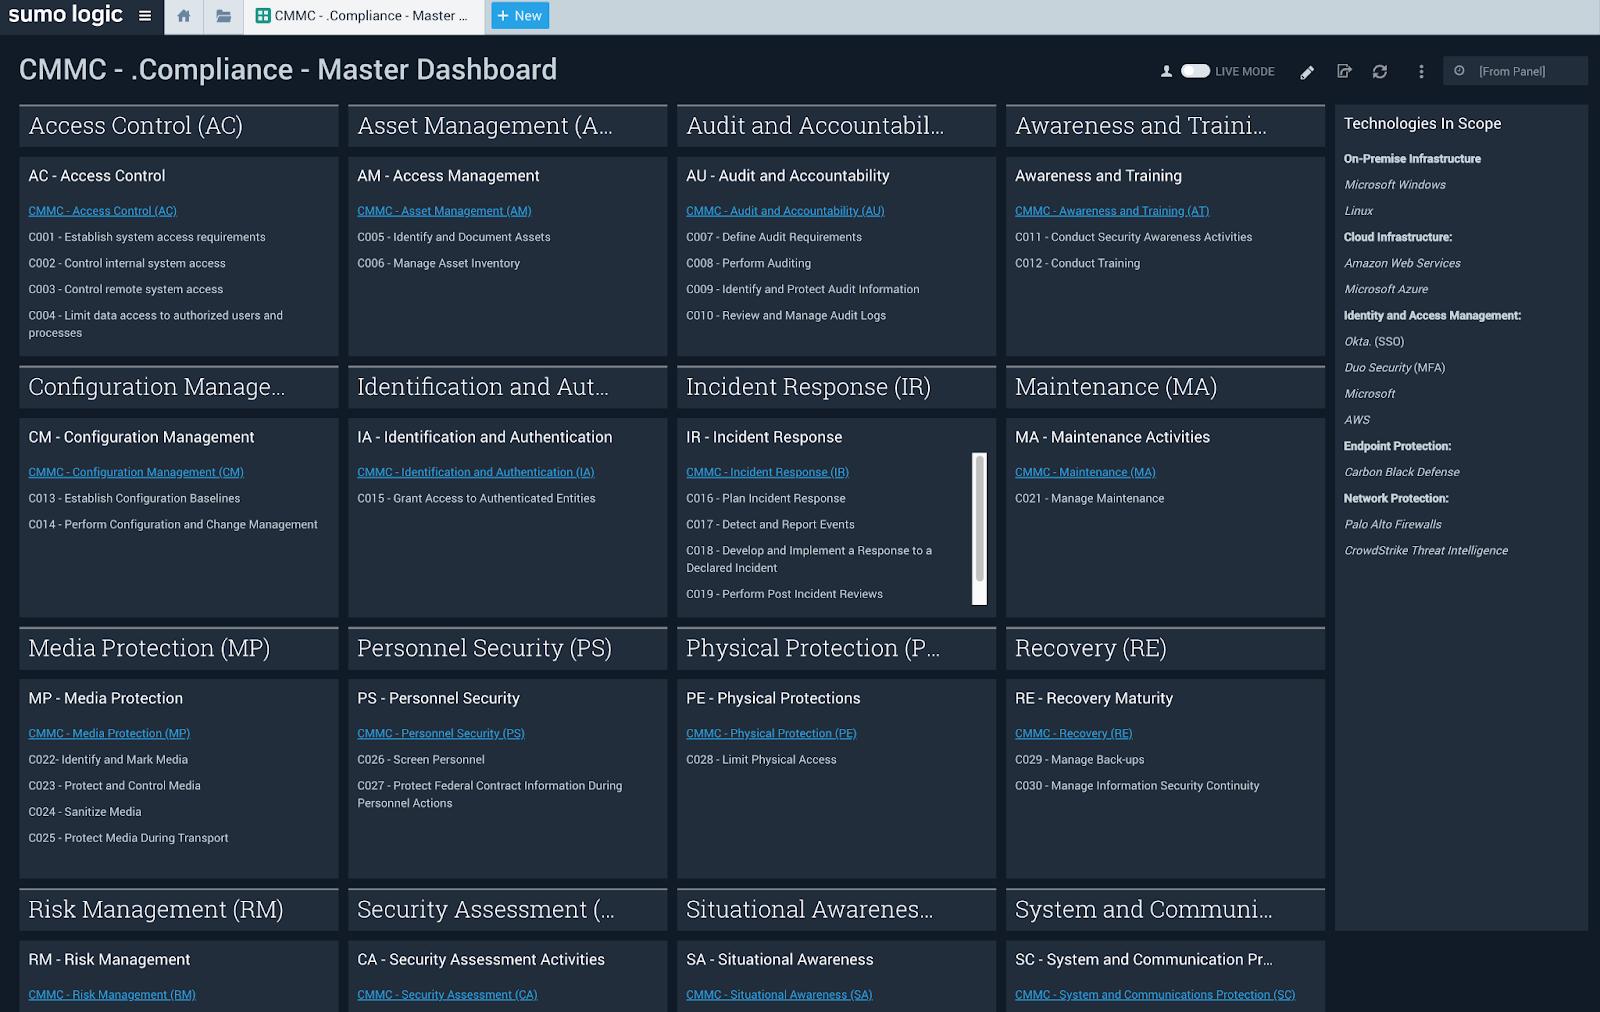 CMMC Compliance - Master Dashboard